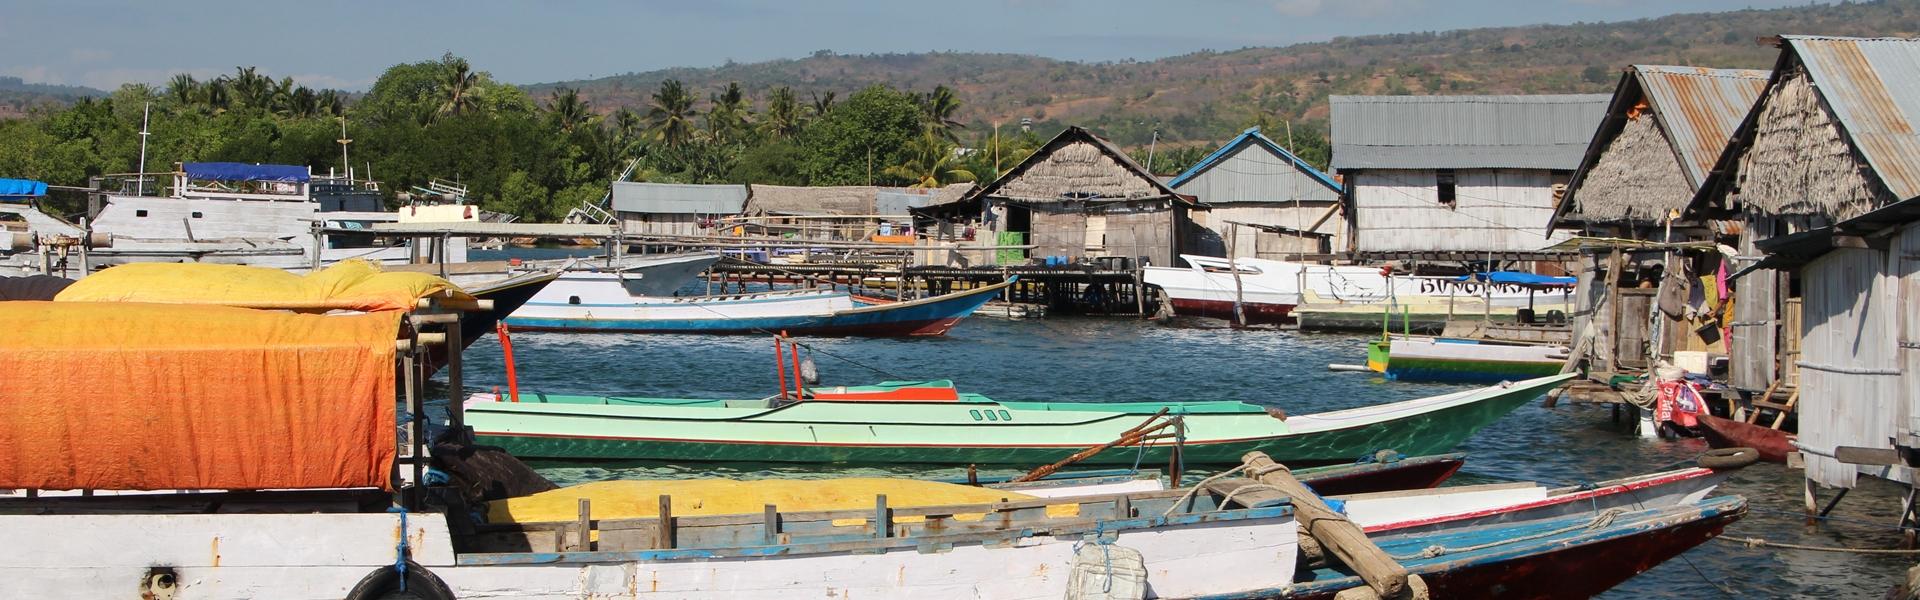 Typical Bajo sea gypsy village, Lesser Sunda Islands